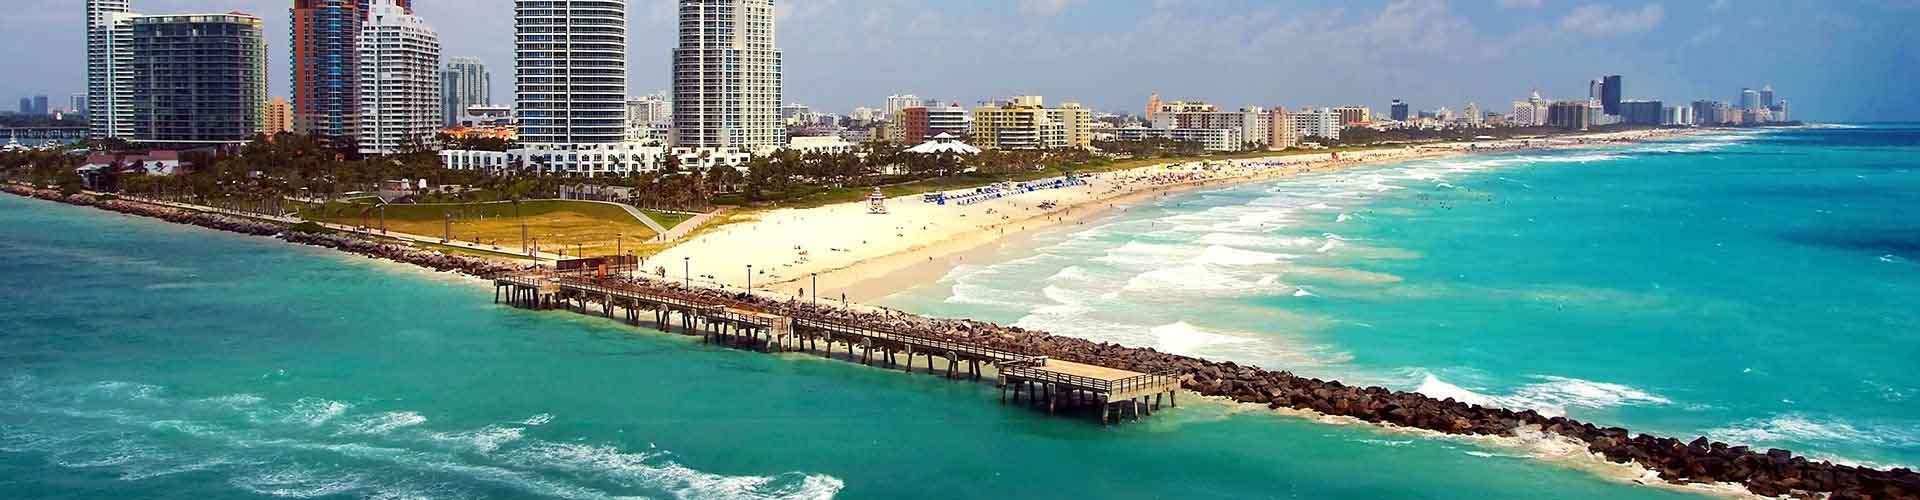 Miami - Albergues en Miami. Mapas de Miami, Fotos y Comentarios para cada Albergue en Miami.